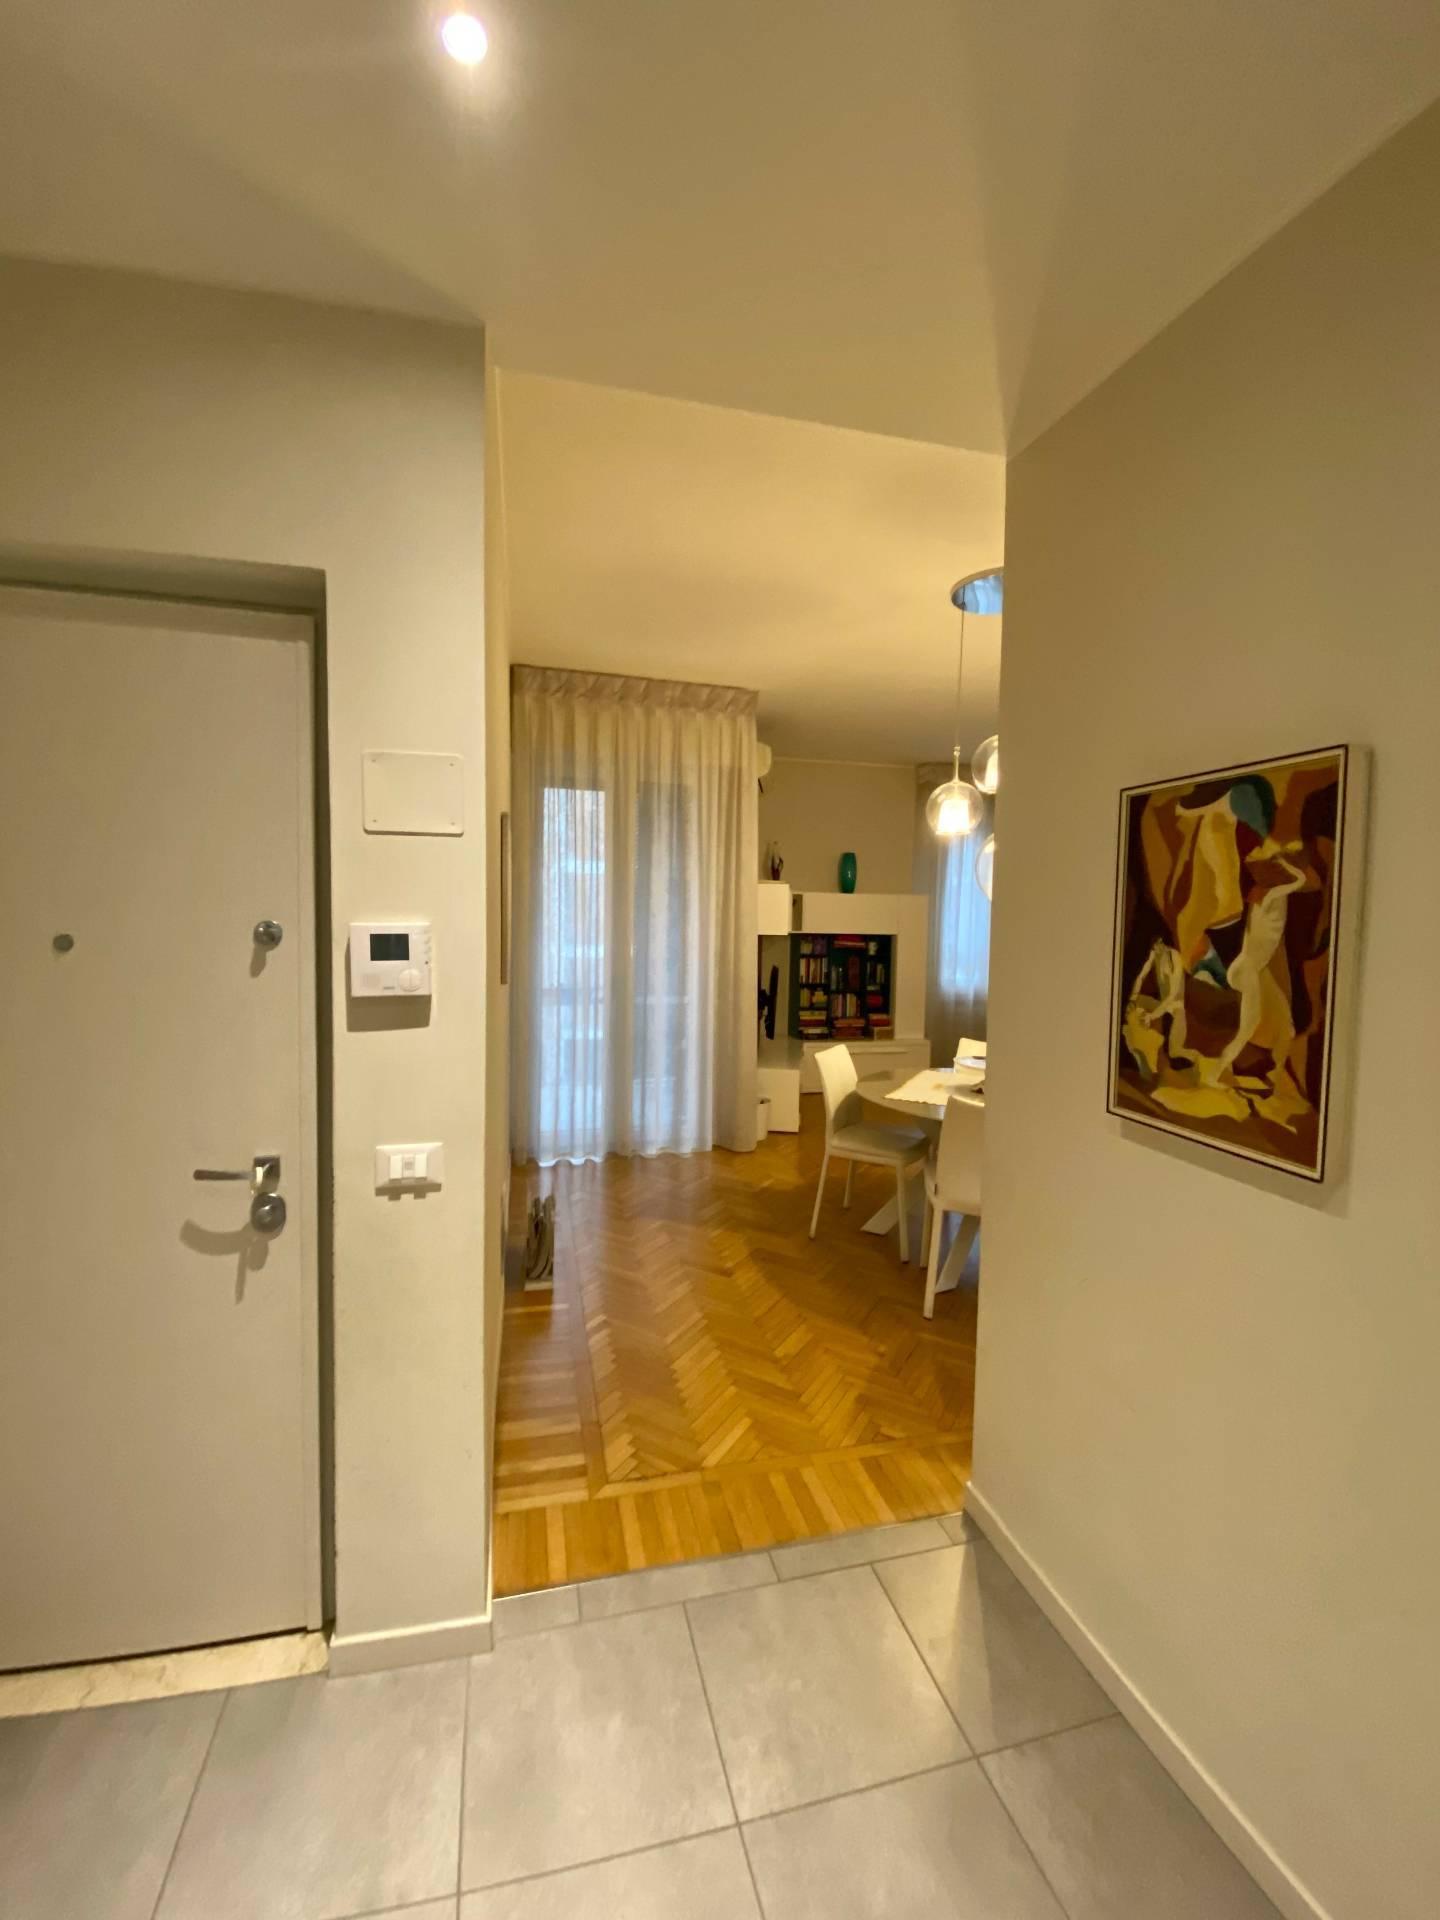 Vendita Trilocale Appartamento Mantova 261997